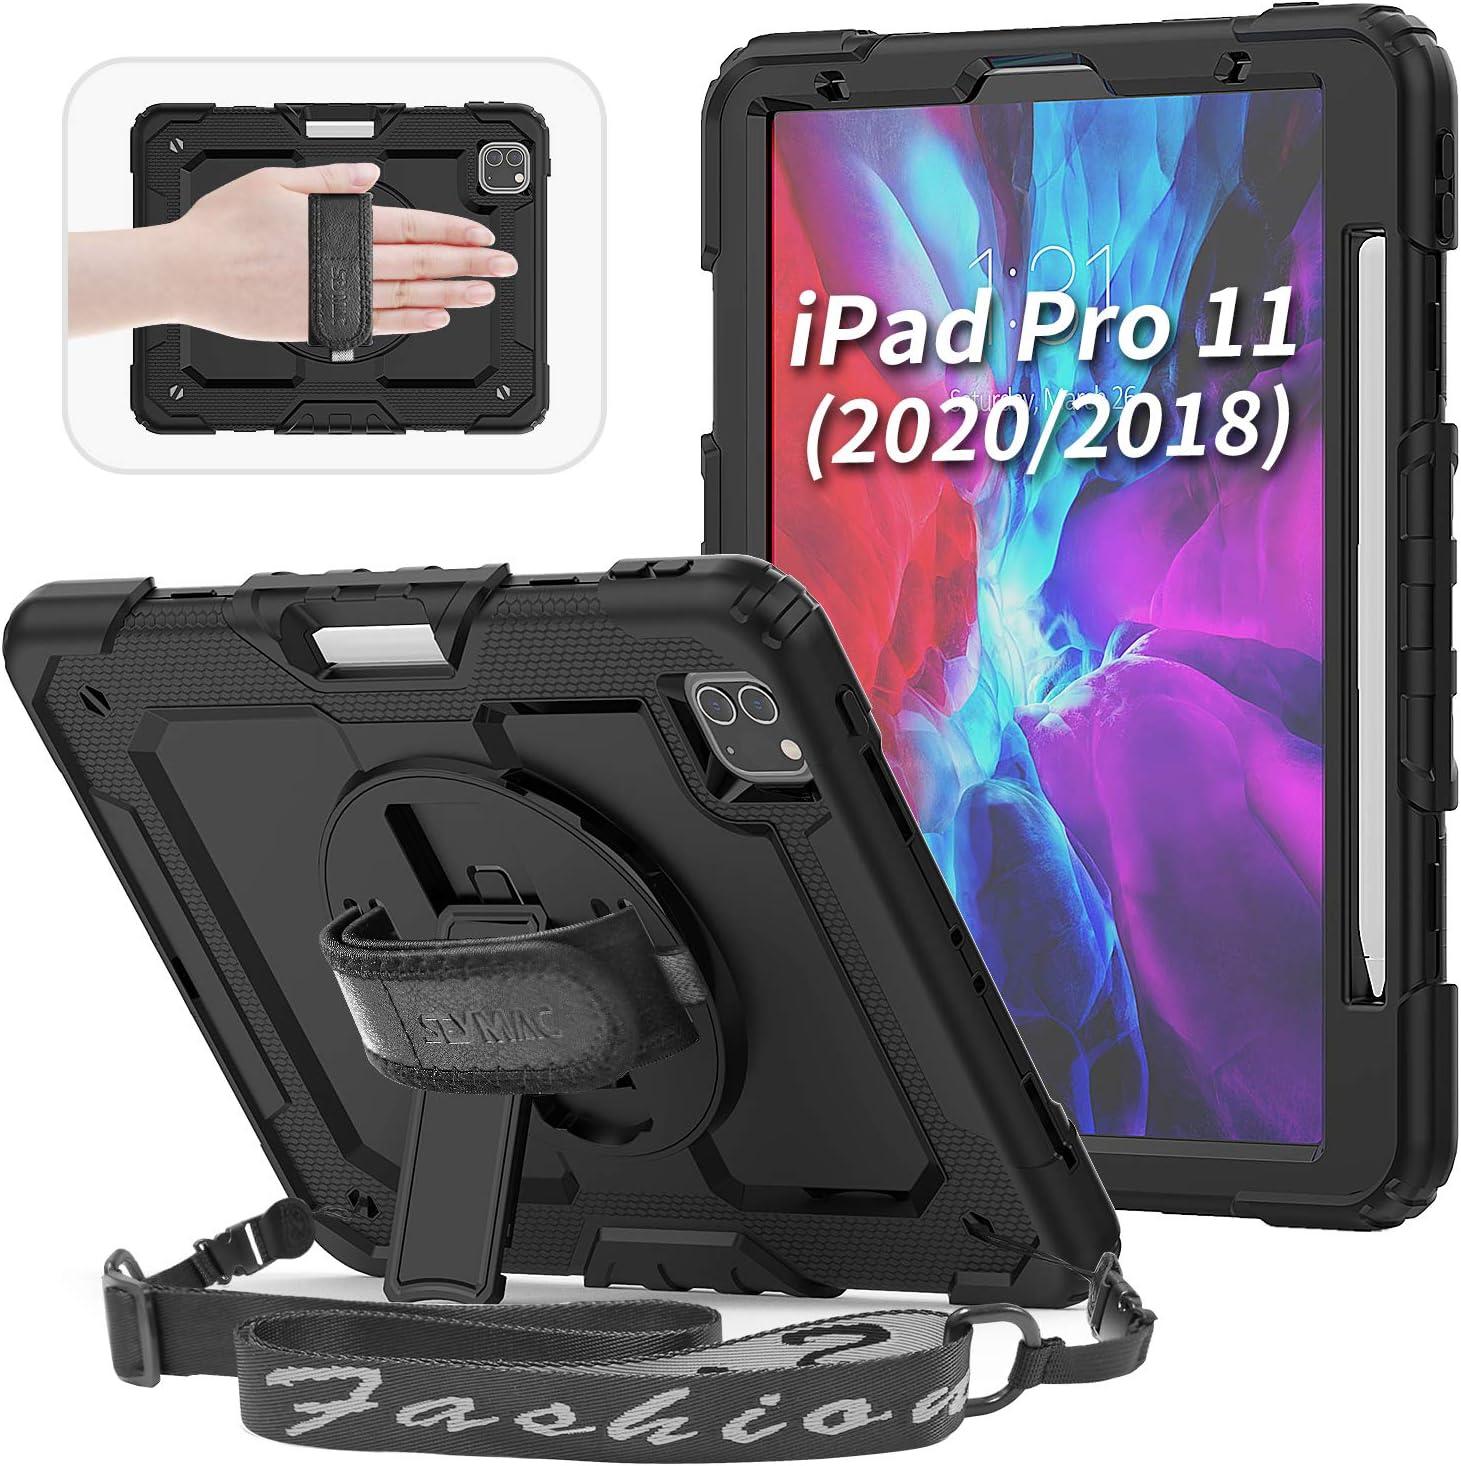 SEYMAC para el nuevo estuche de iPad Pro 11 2020, soporta la carga de un segundo lápiz de iPad y un par, con [protector de pantalla incorporado],negro: Amazon.es: Informática